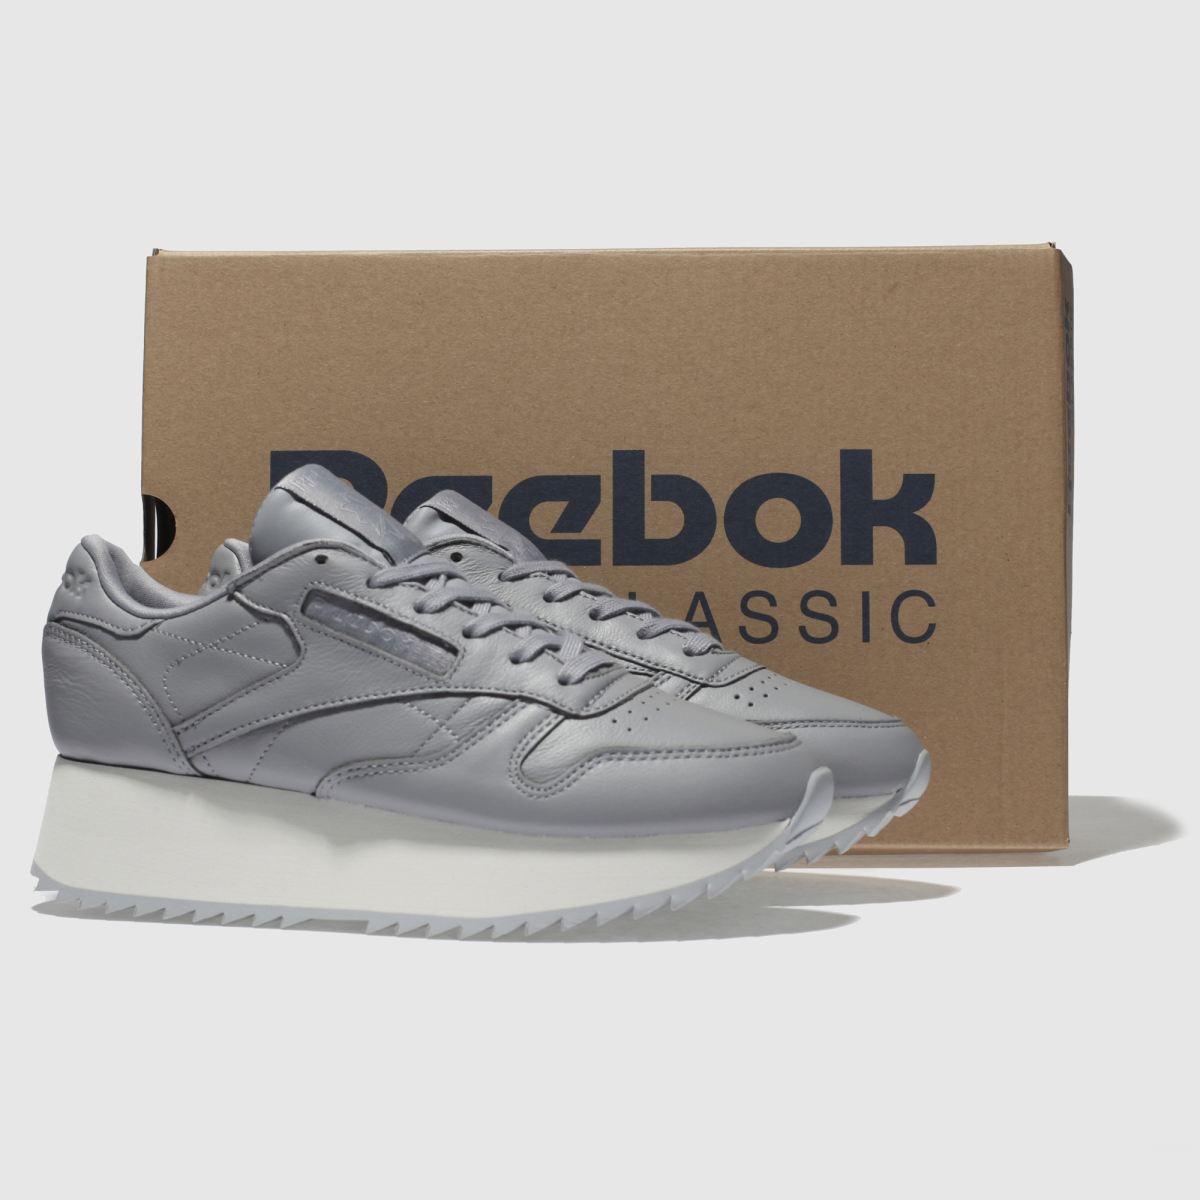 Damen Dunkelgrau reebok Classic Leather Platform Sneaker beliebte | schuh Gute Qualität beliebte Sneaker Schuhe 981111